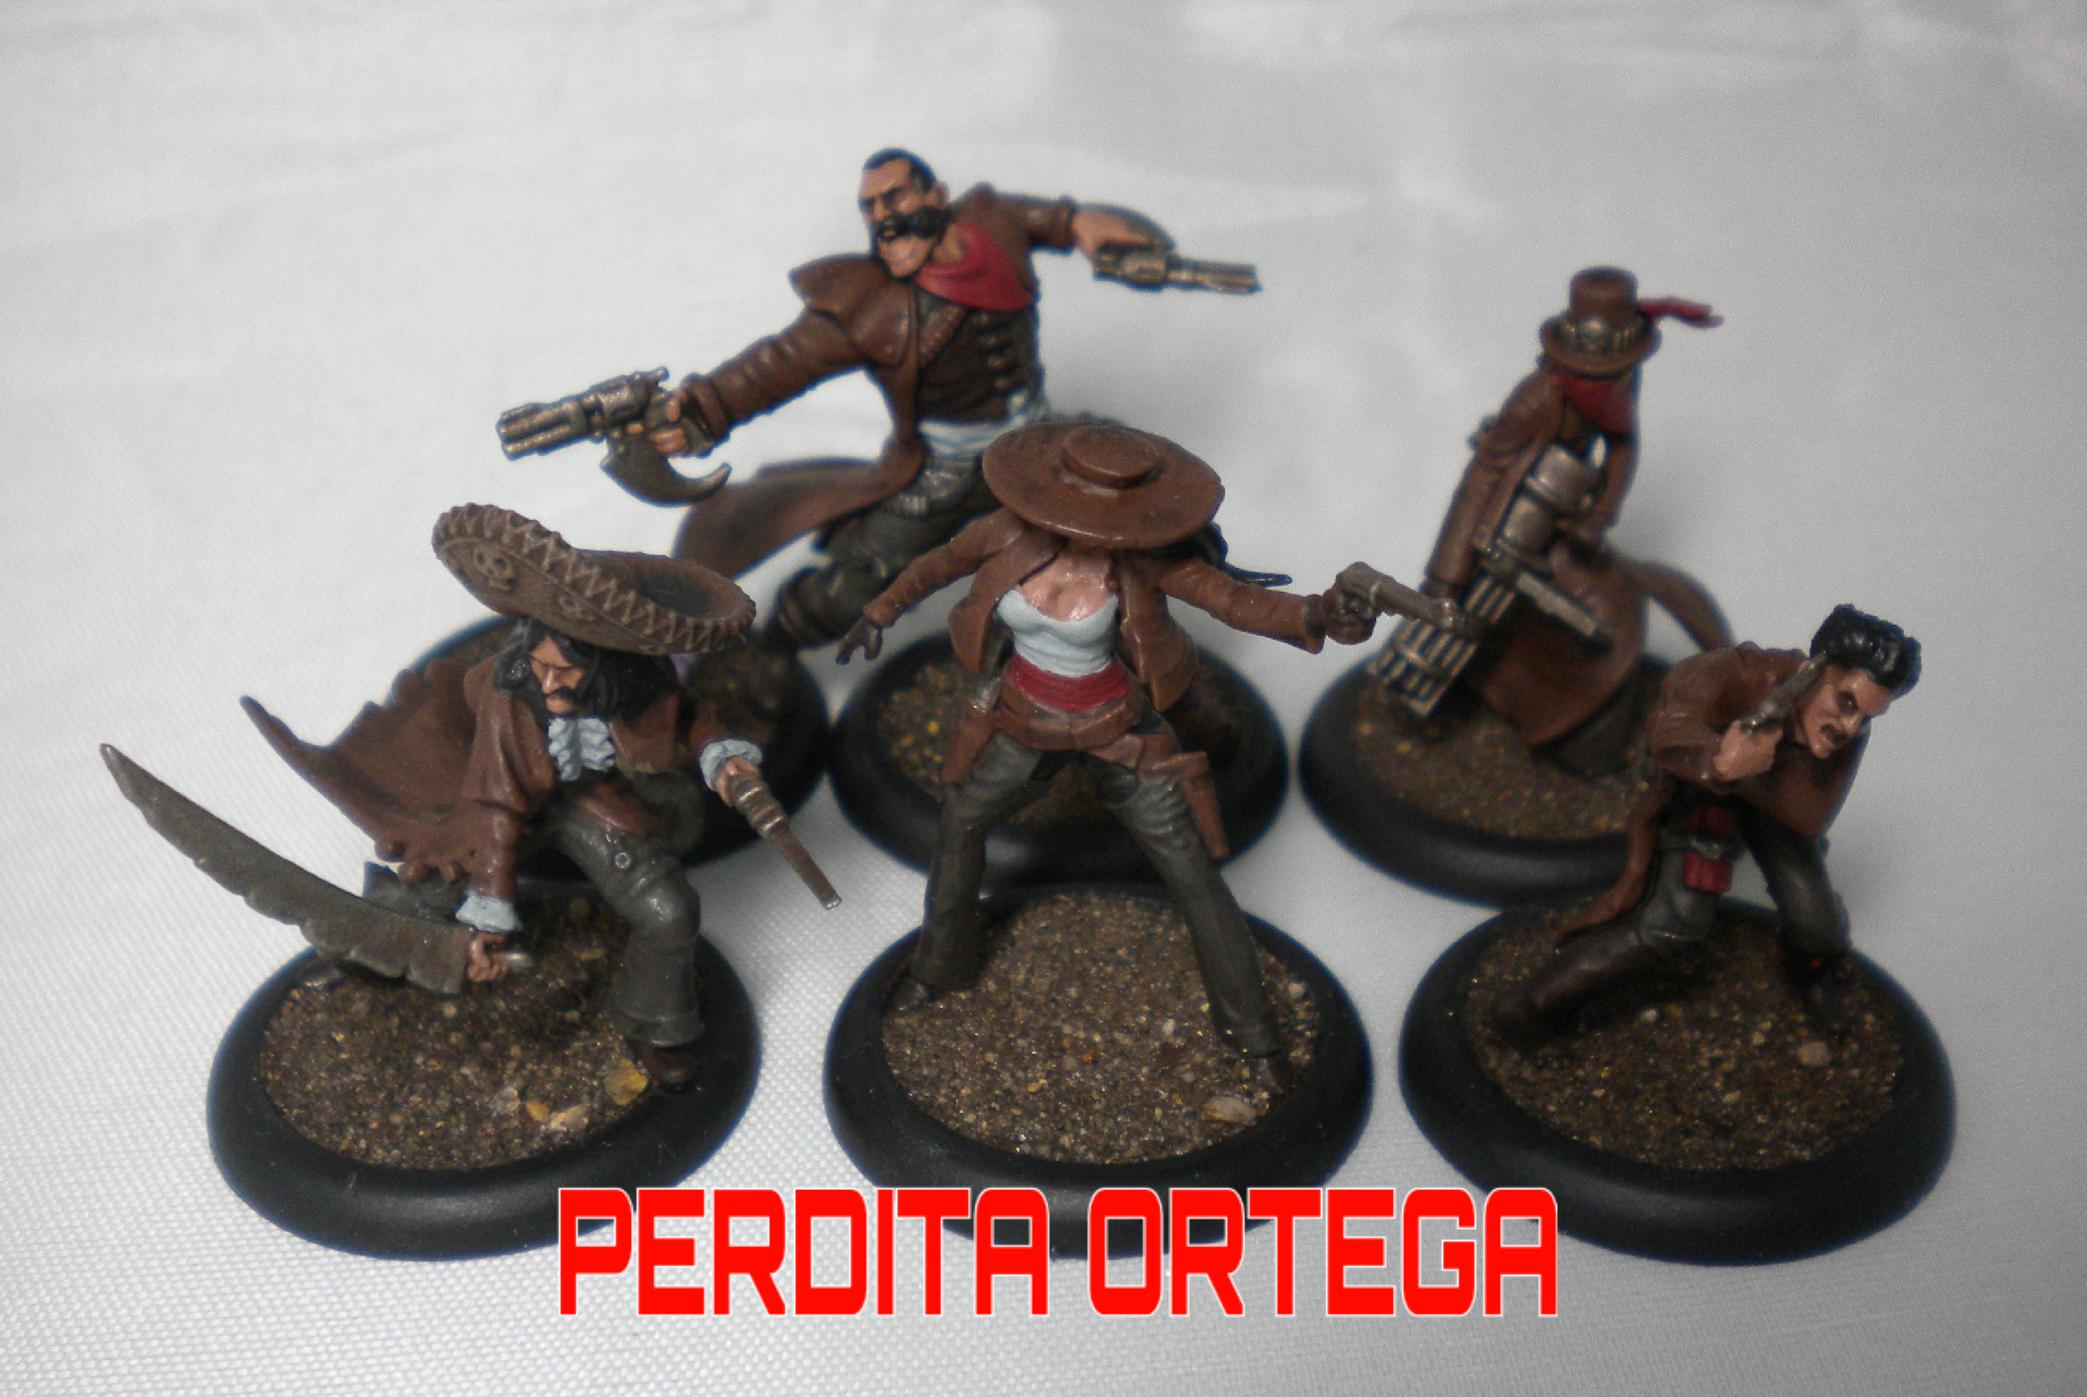 Crew, Crews, Family, Guild, Malifaux, Master, Ortegas, Perdita, West